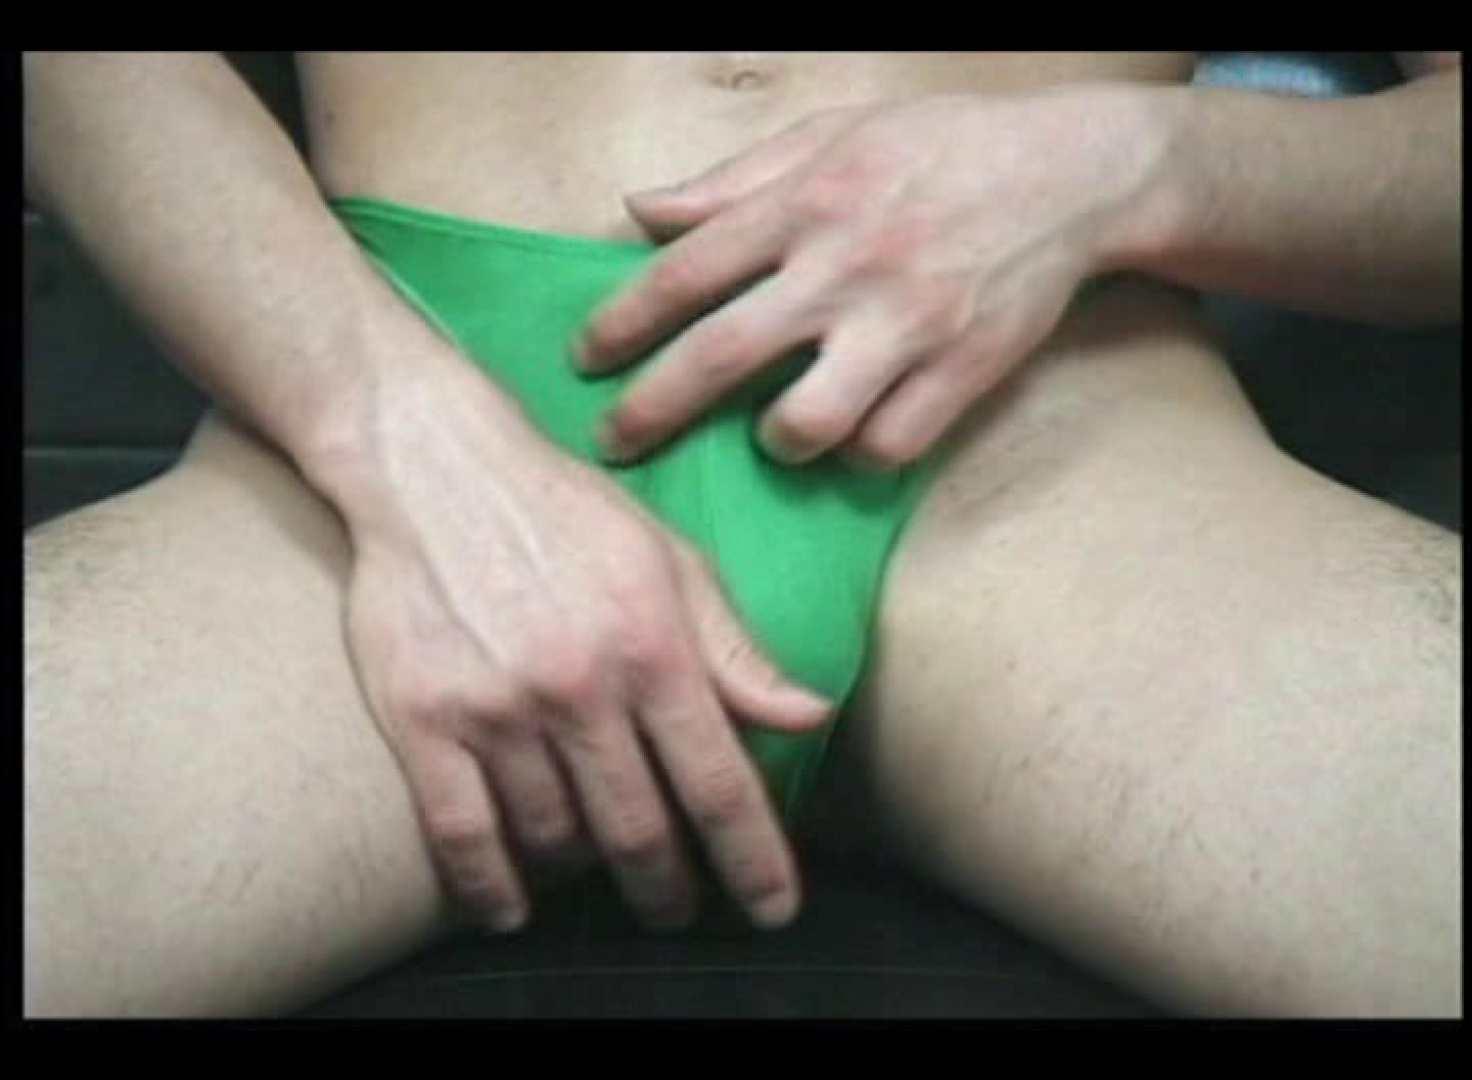 リーマンの秘密 Vol.01 アナル舐め 尻マンコ画像 11画像 7